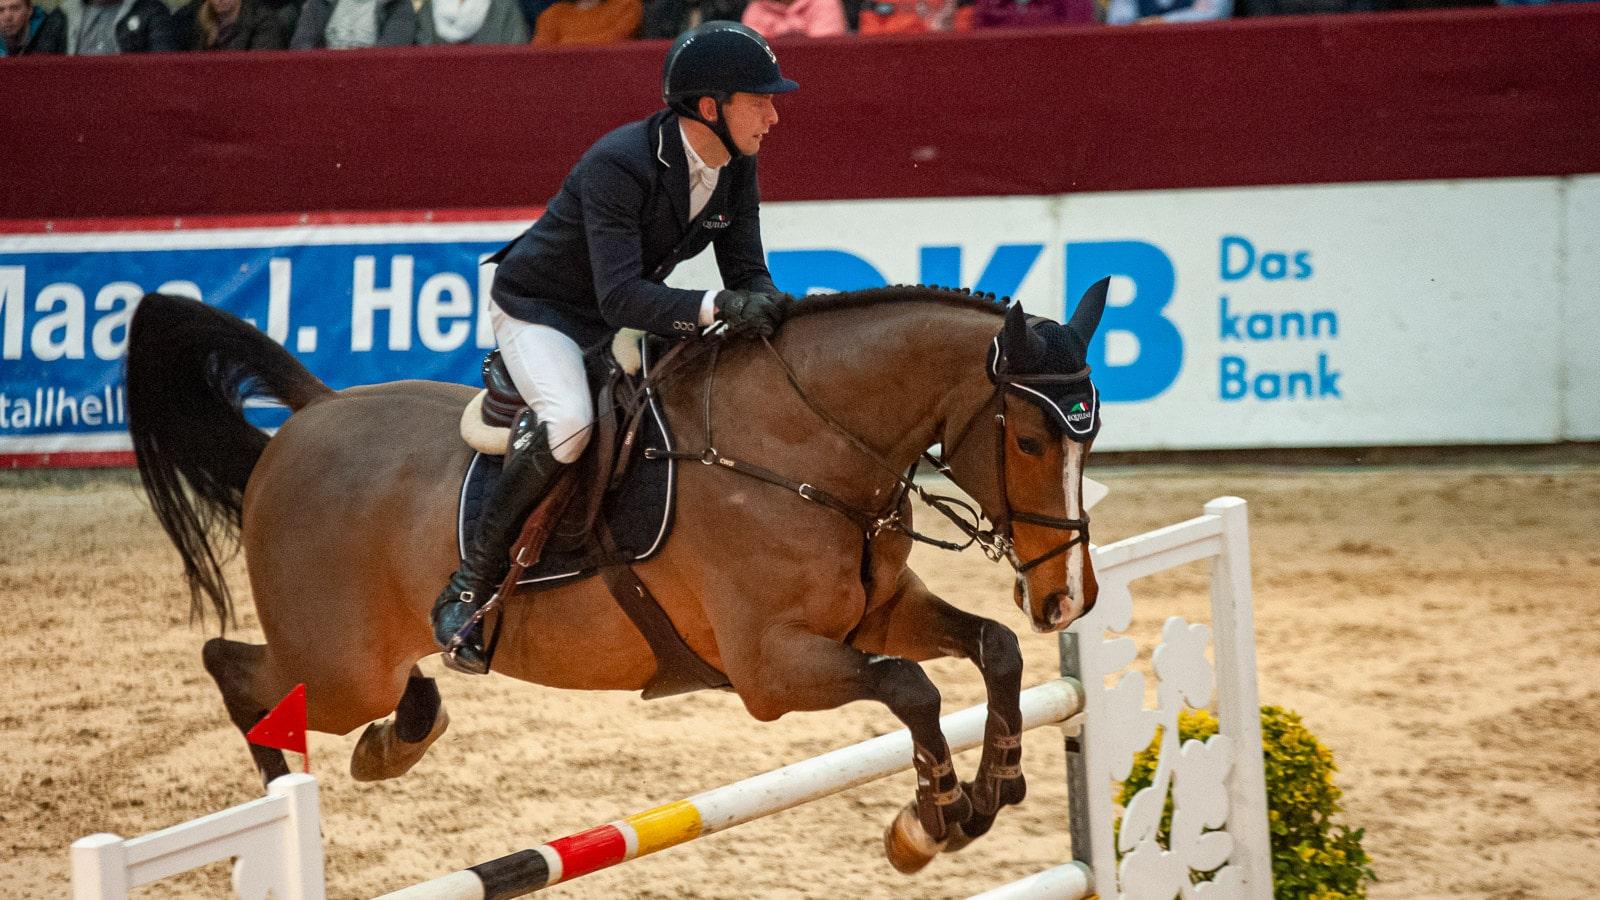 Patrick Stühlmeyer – Sieger im Großen Preis des Landes Brandenburg